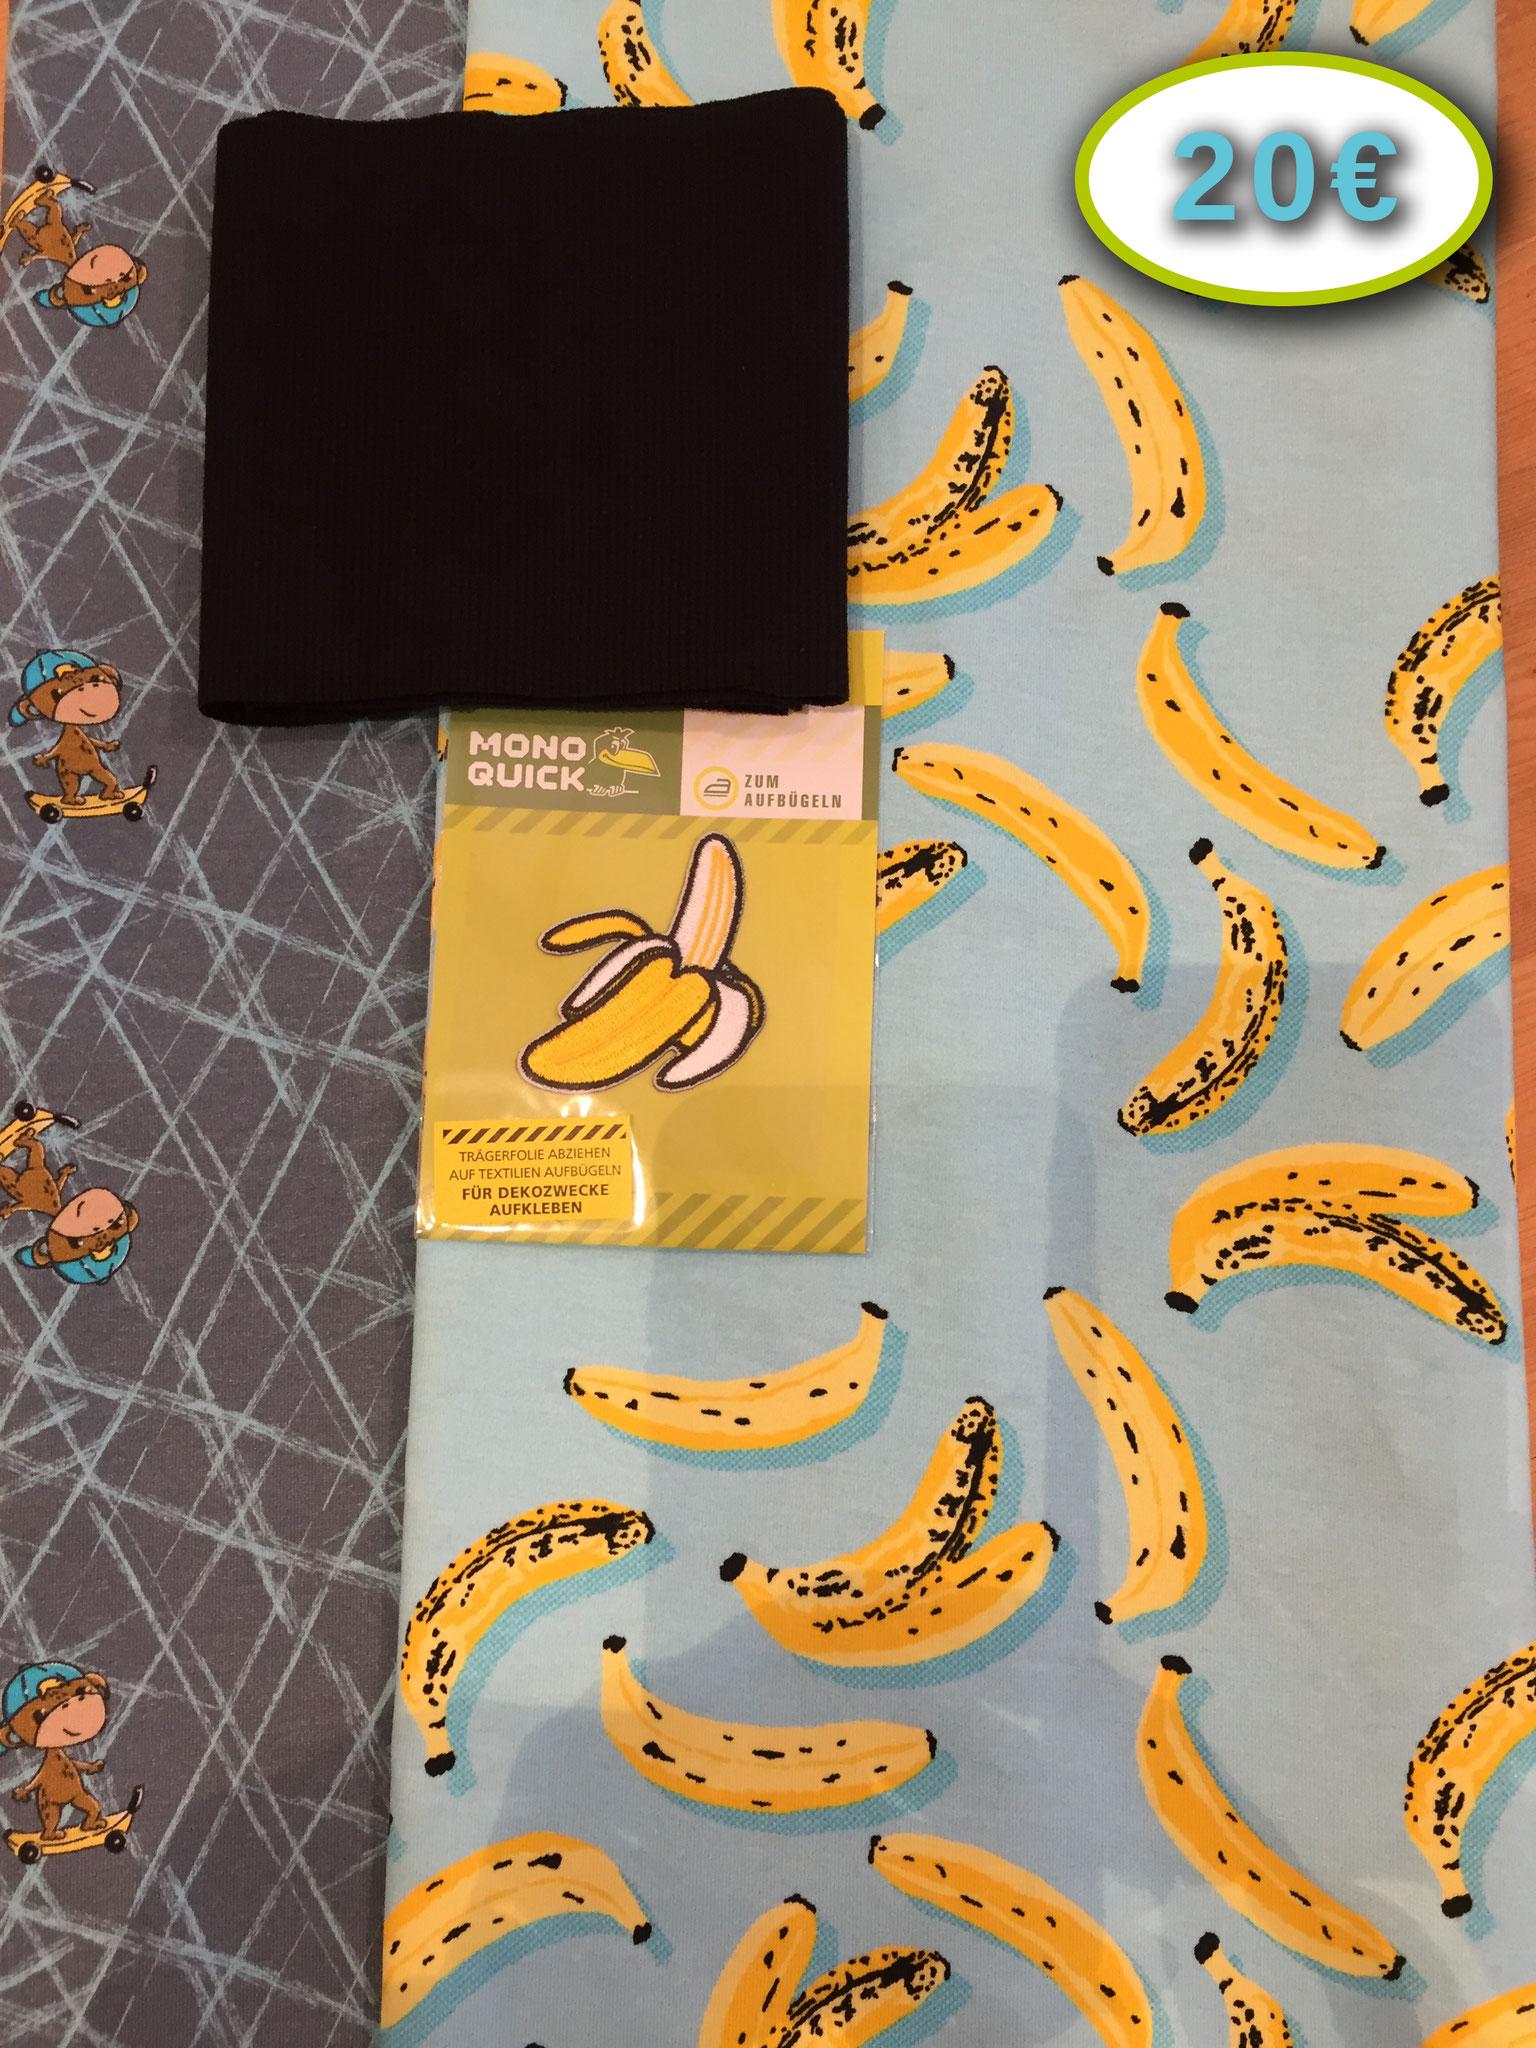 Je 50x155 cm Lollipop Icons und Banana Board von Hilco (95% BW; 5% EL), inkl. 10x100 cm Hilco Bündchenstrick im Schlauch (schwarz) und Bananen-Applikation